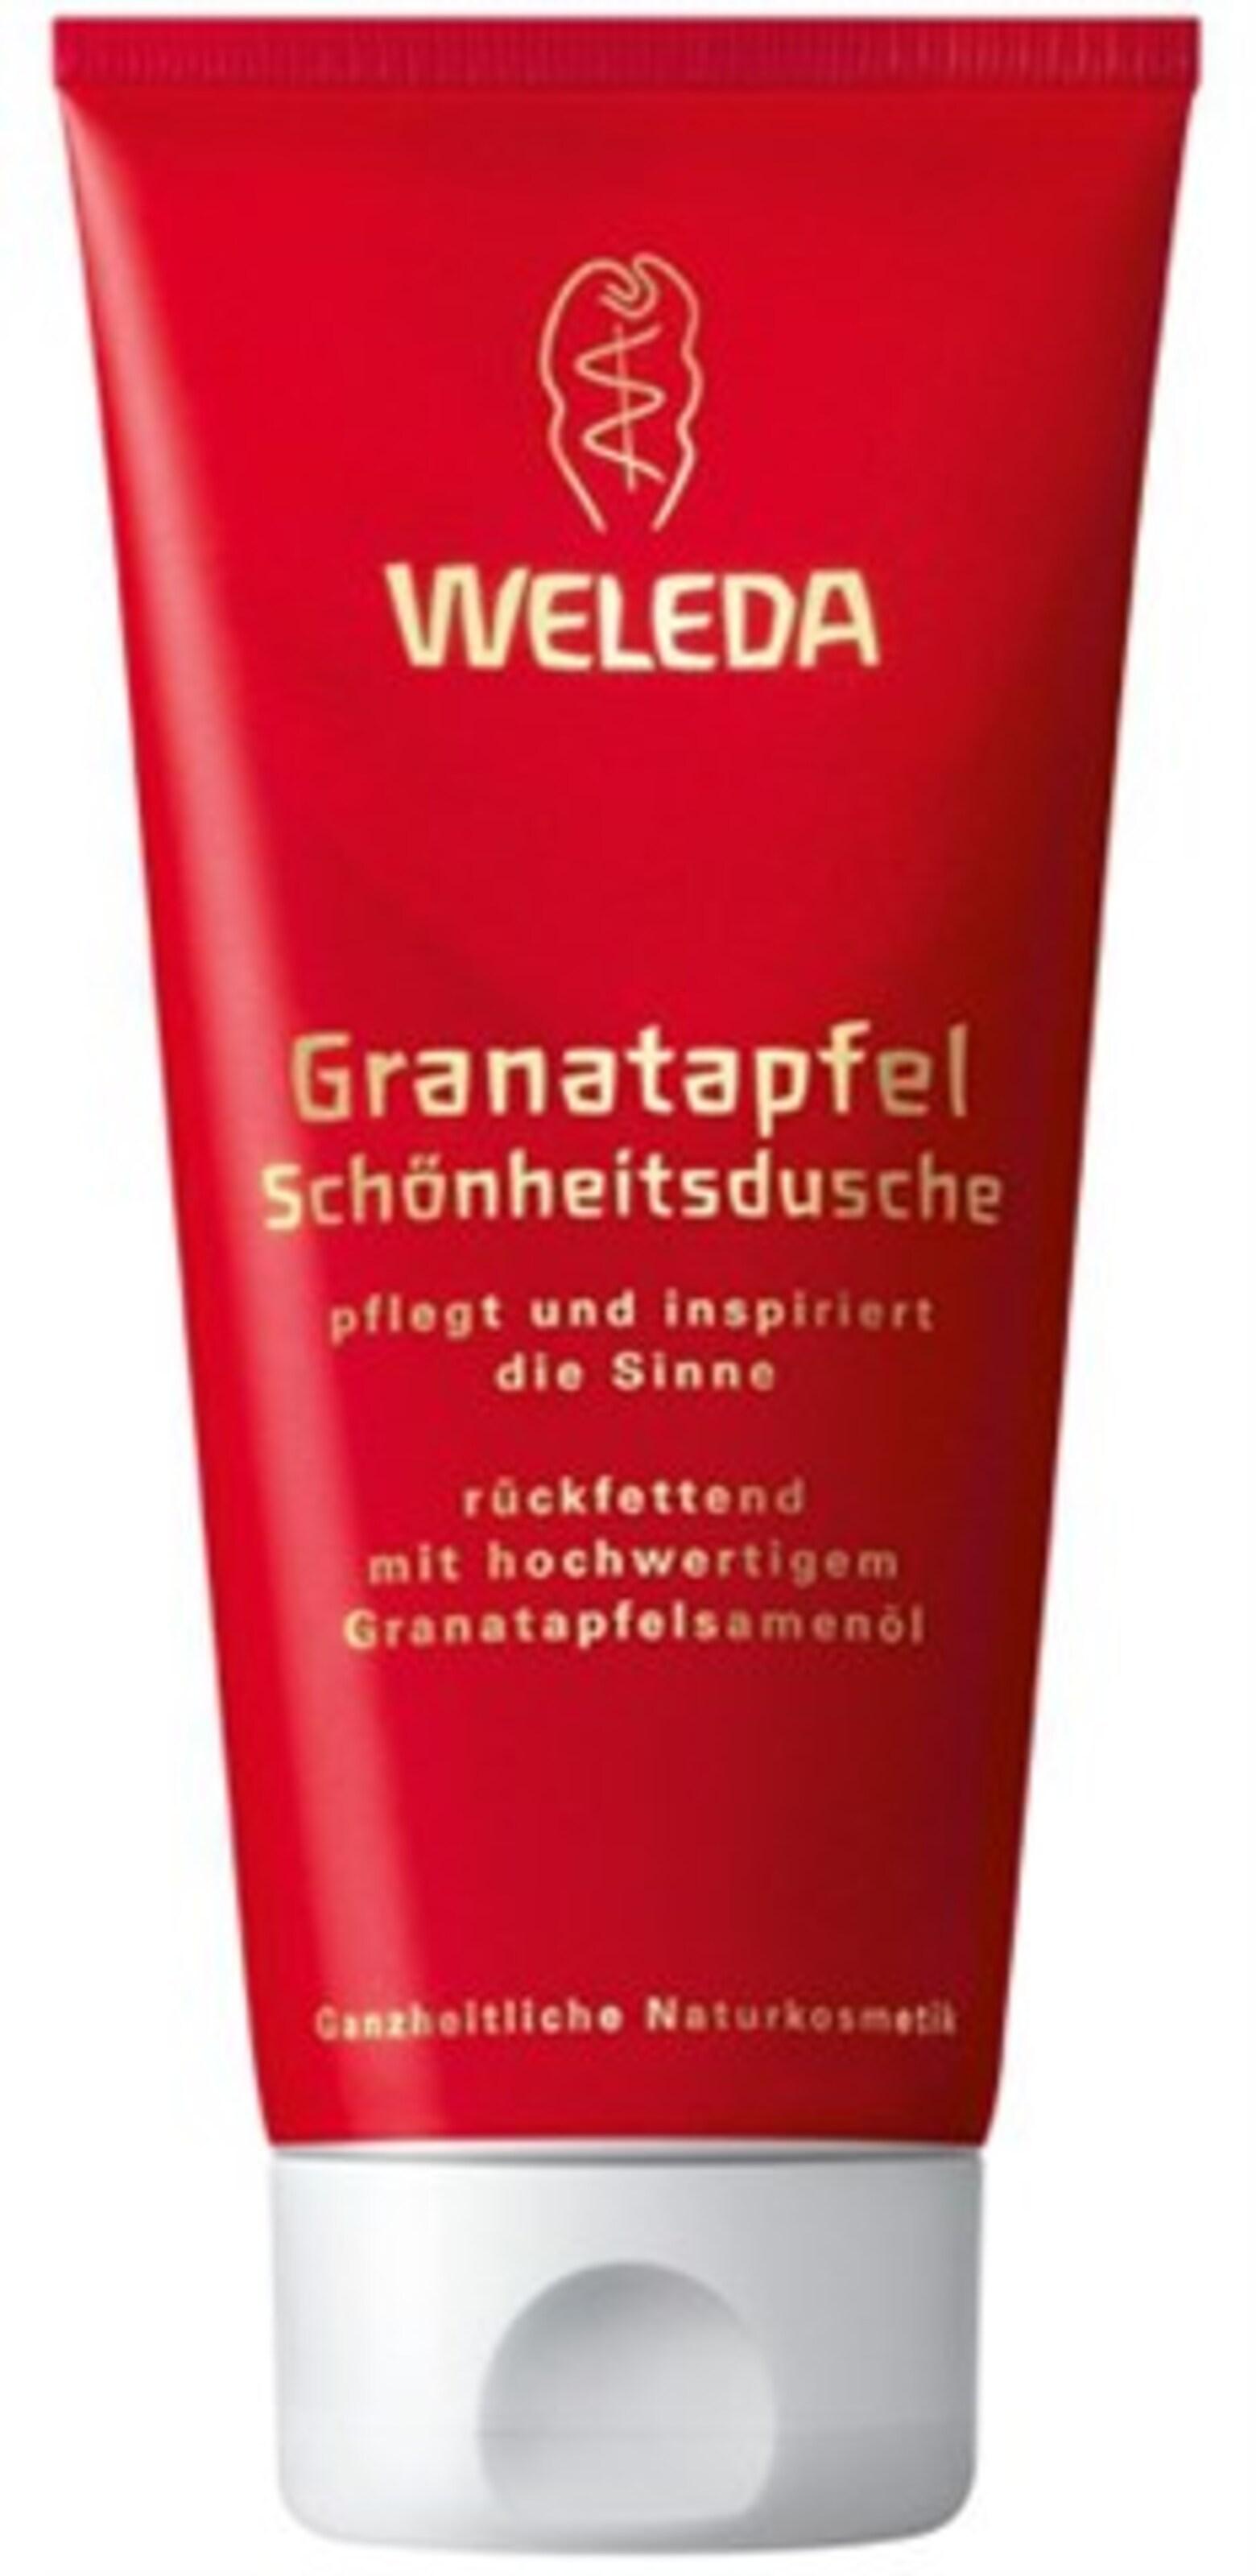 Schöheitsdusche'Duschgel200 'granatapfel Ml Rot In Weleda fyb7gvY6